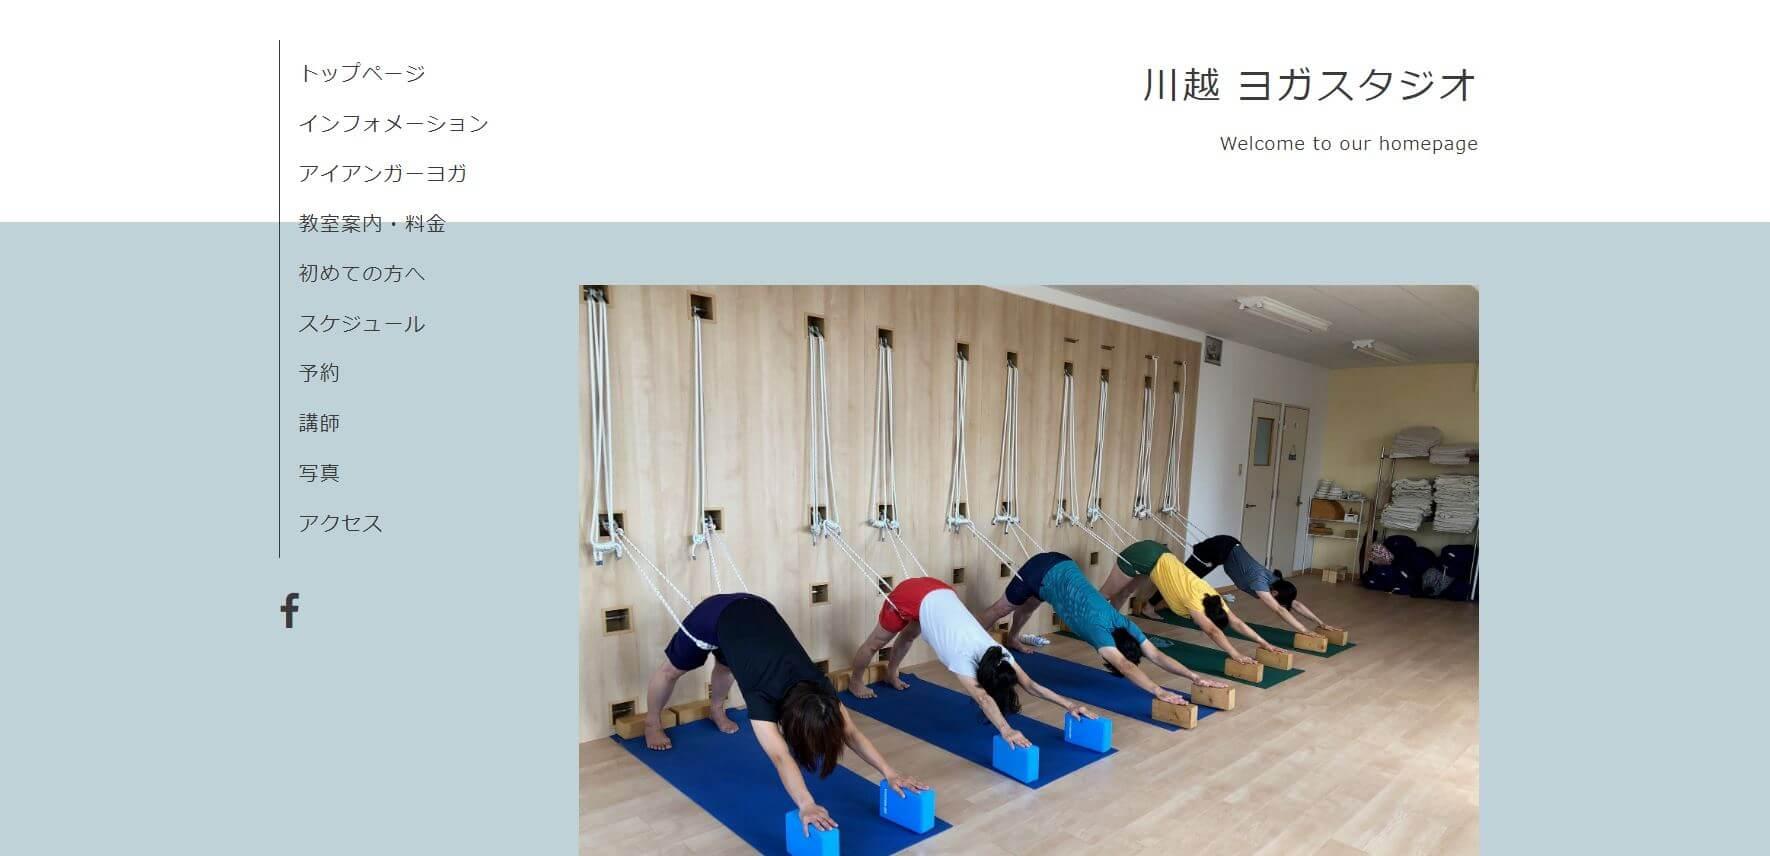 kawagoe yoga studio